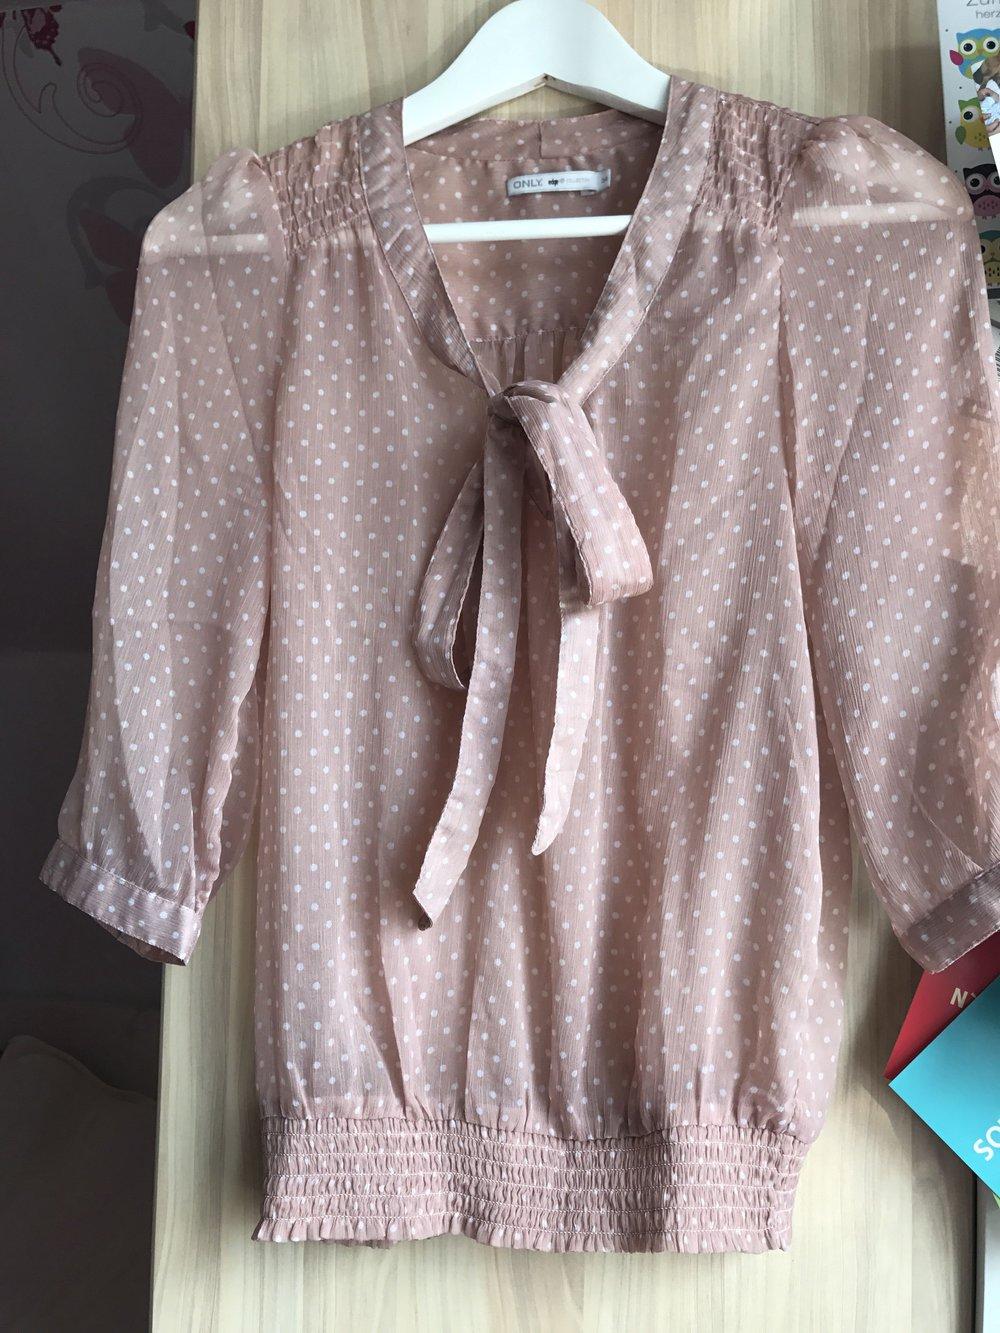 ... transparent Rosa Only Bluse mit weißen Punkten und einer Schleife in  Größe 34, schluppenbluse, transparent . f875ef6fb0